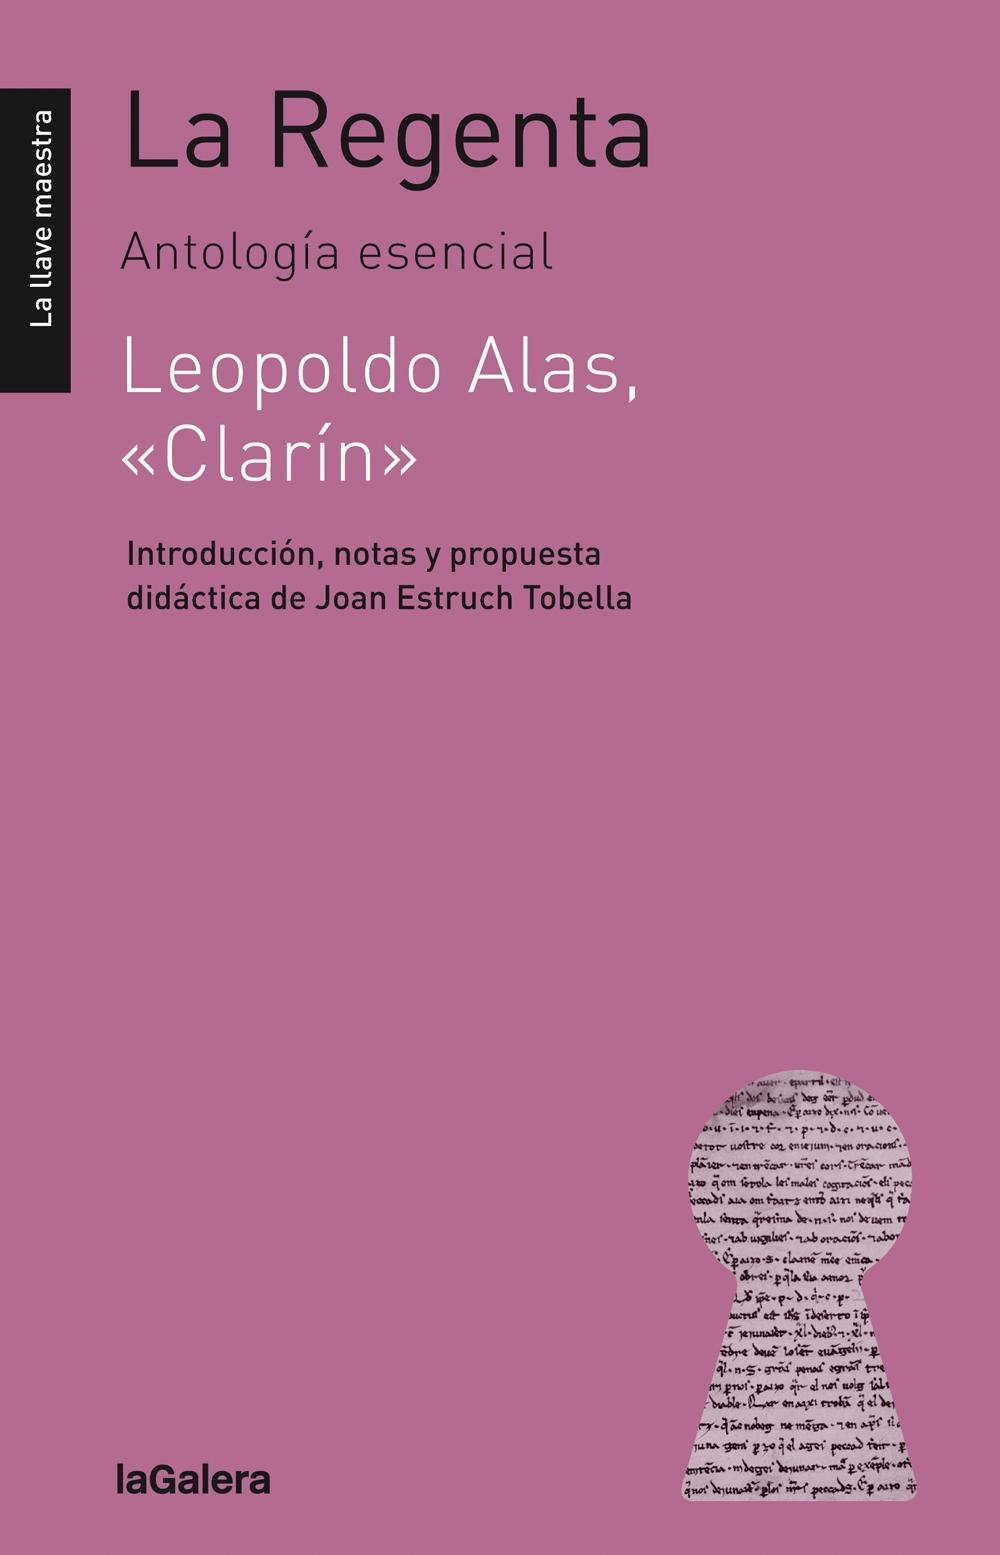 la regenta antologia esencial-leopoldo (seud. clarin) alas-9788424661380